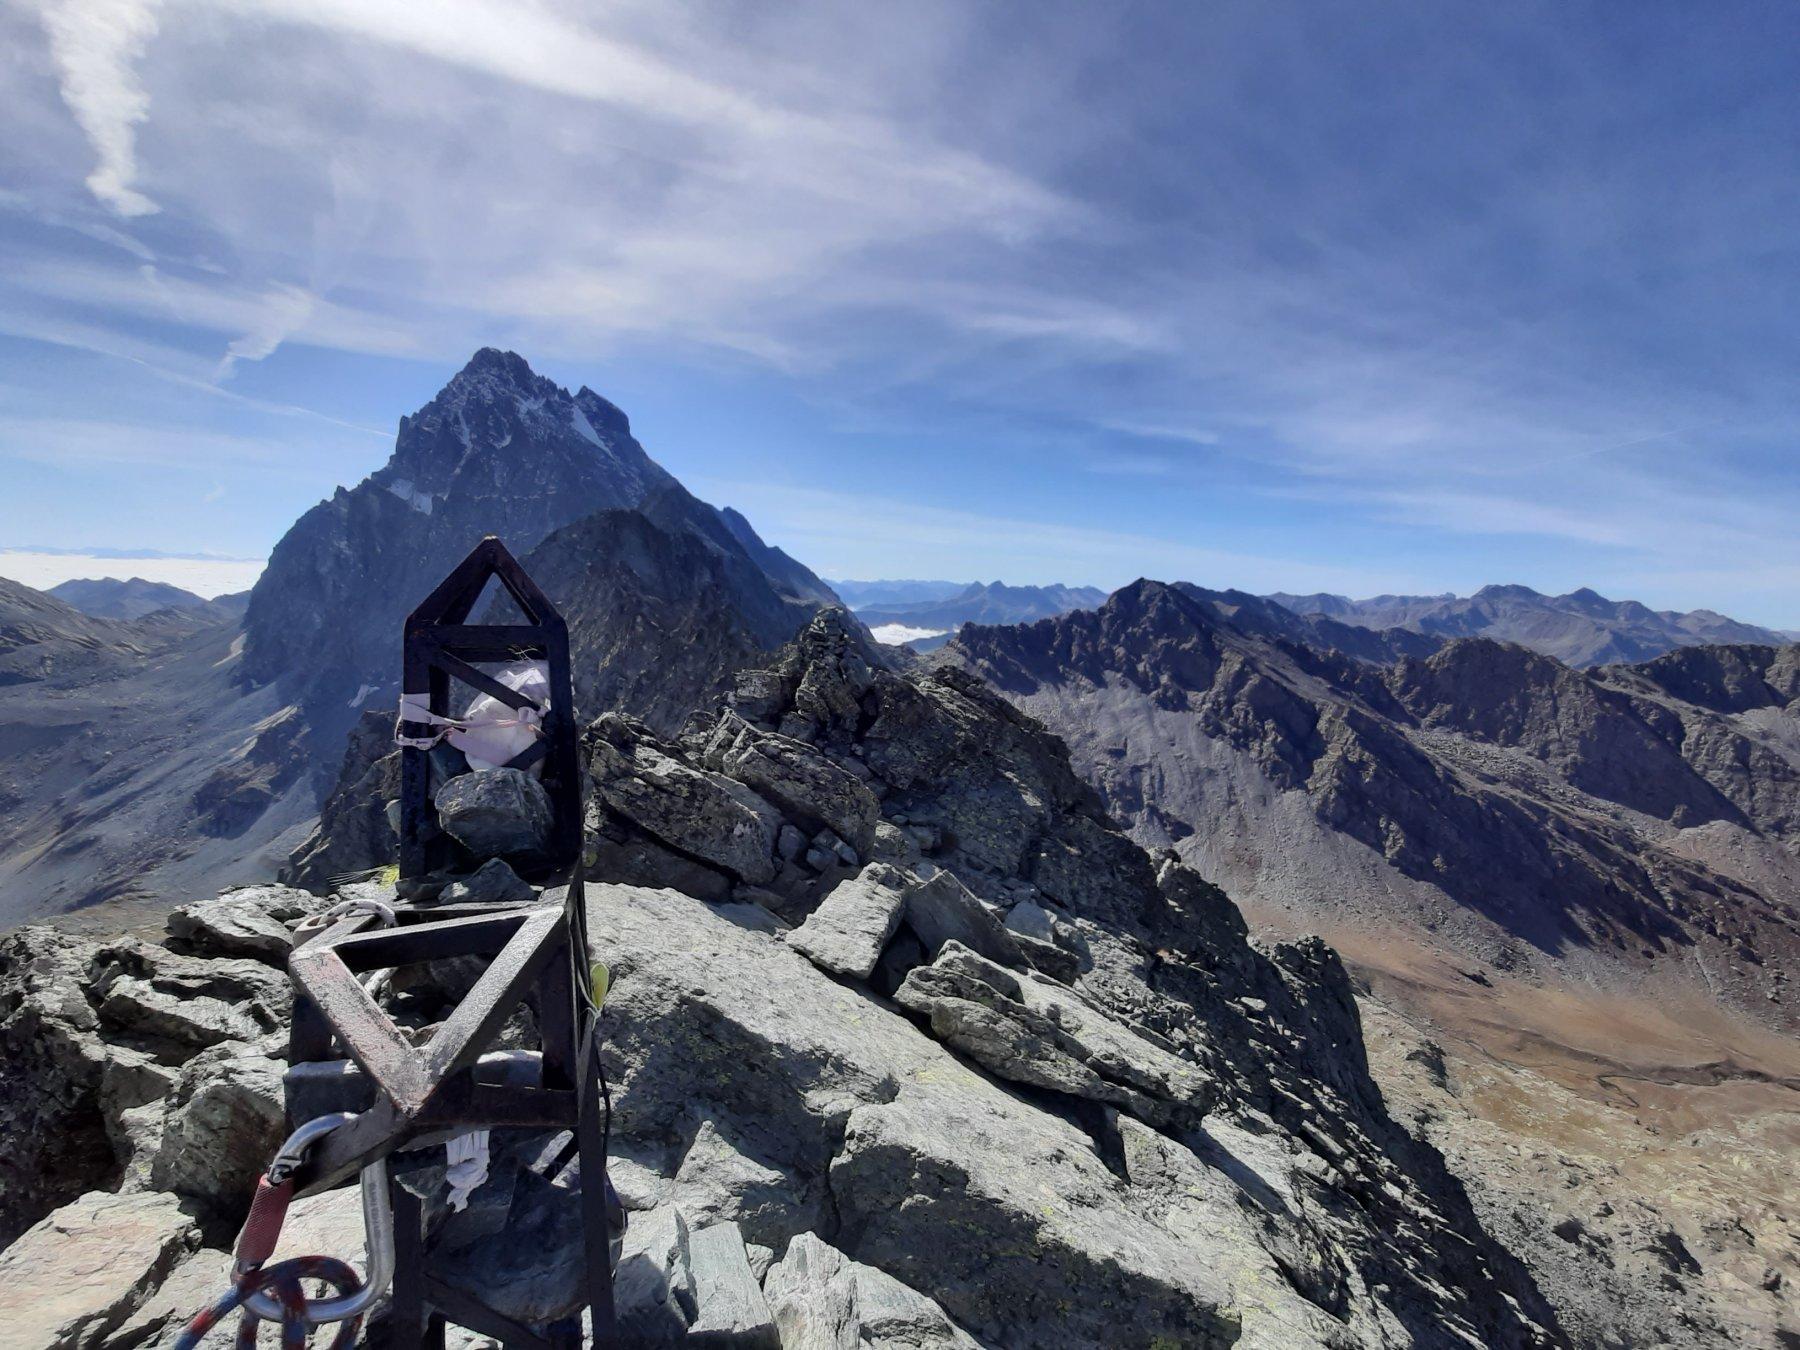 La cima di Punta Udine con il Monviso sullo sfondo